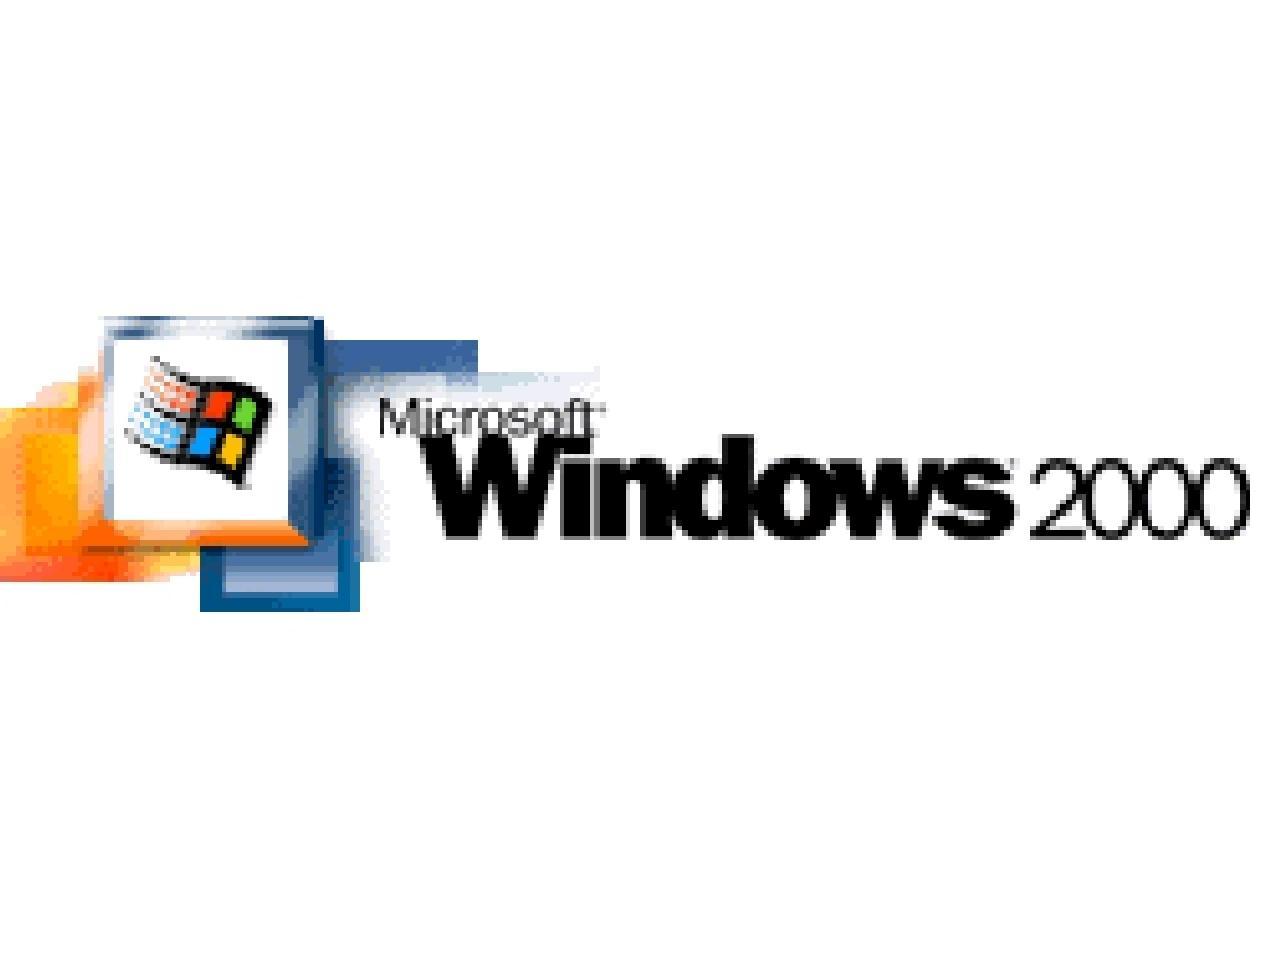 http windows 2000: